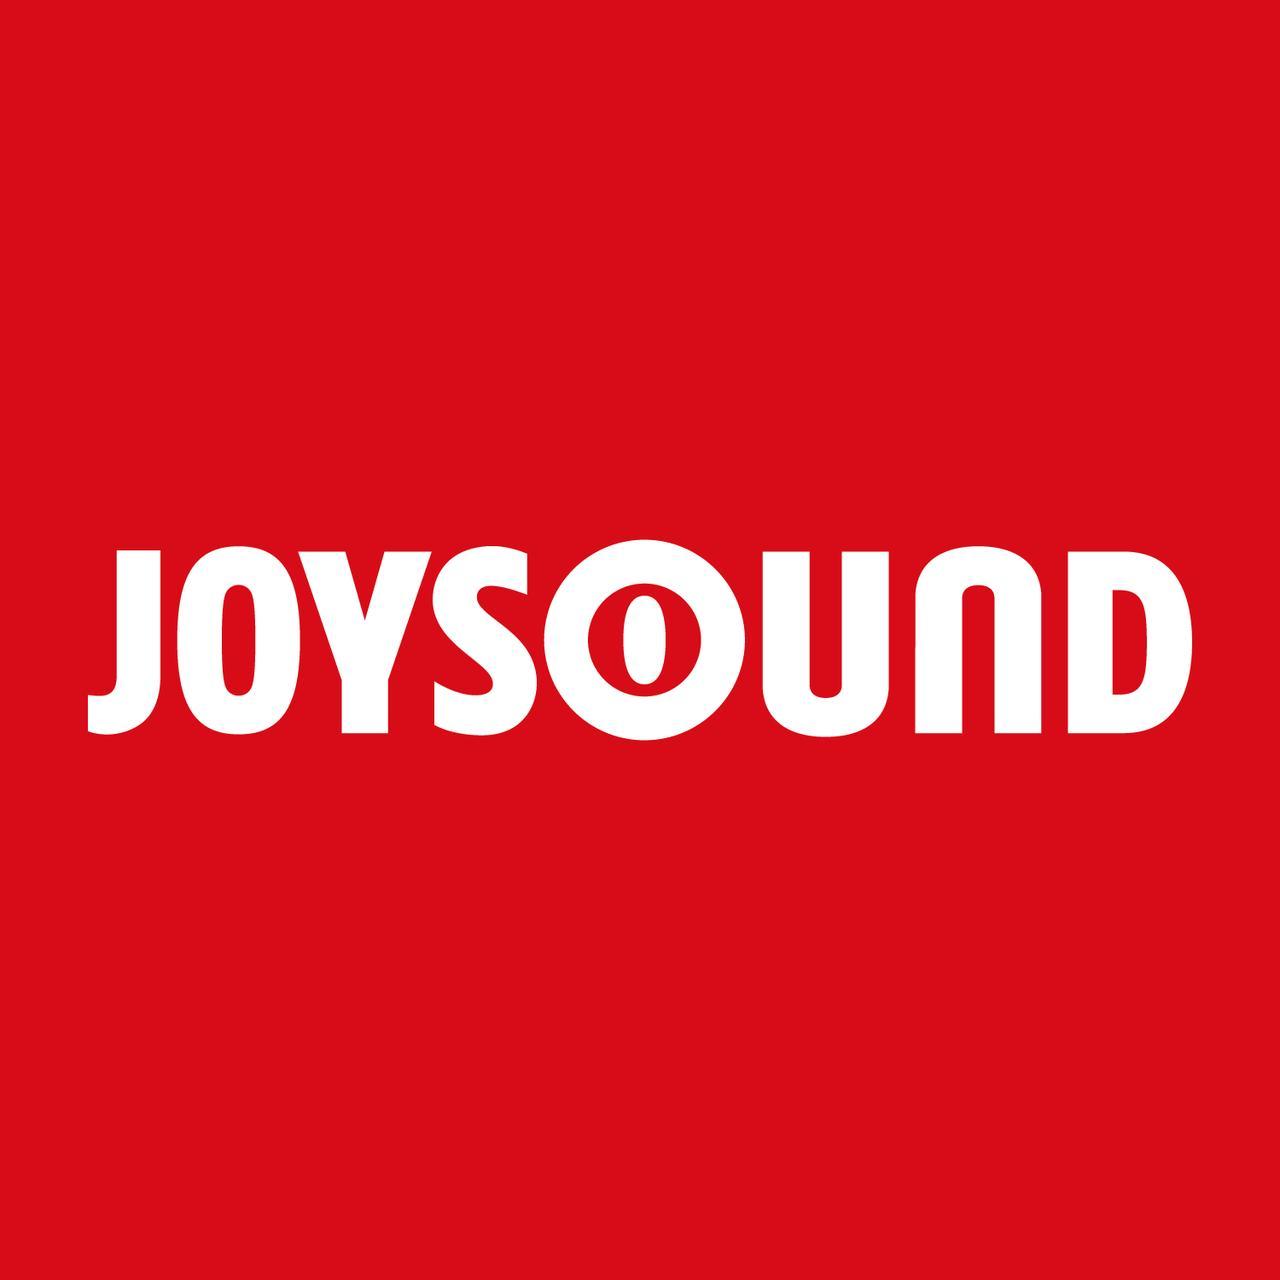 カラオケルームJOYSOUND「JOYTV」にて、RIZINスポットCMが登場!! - RIZIN FIGHTING FEDERATION  オフィシャルサイト